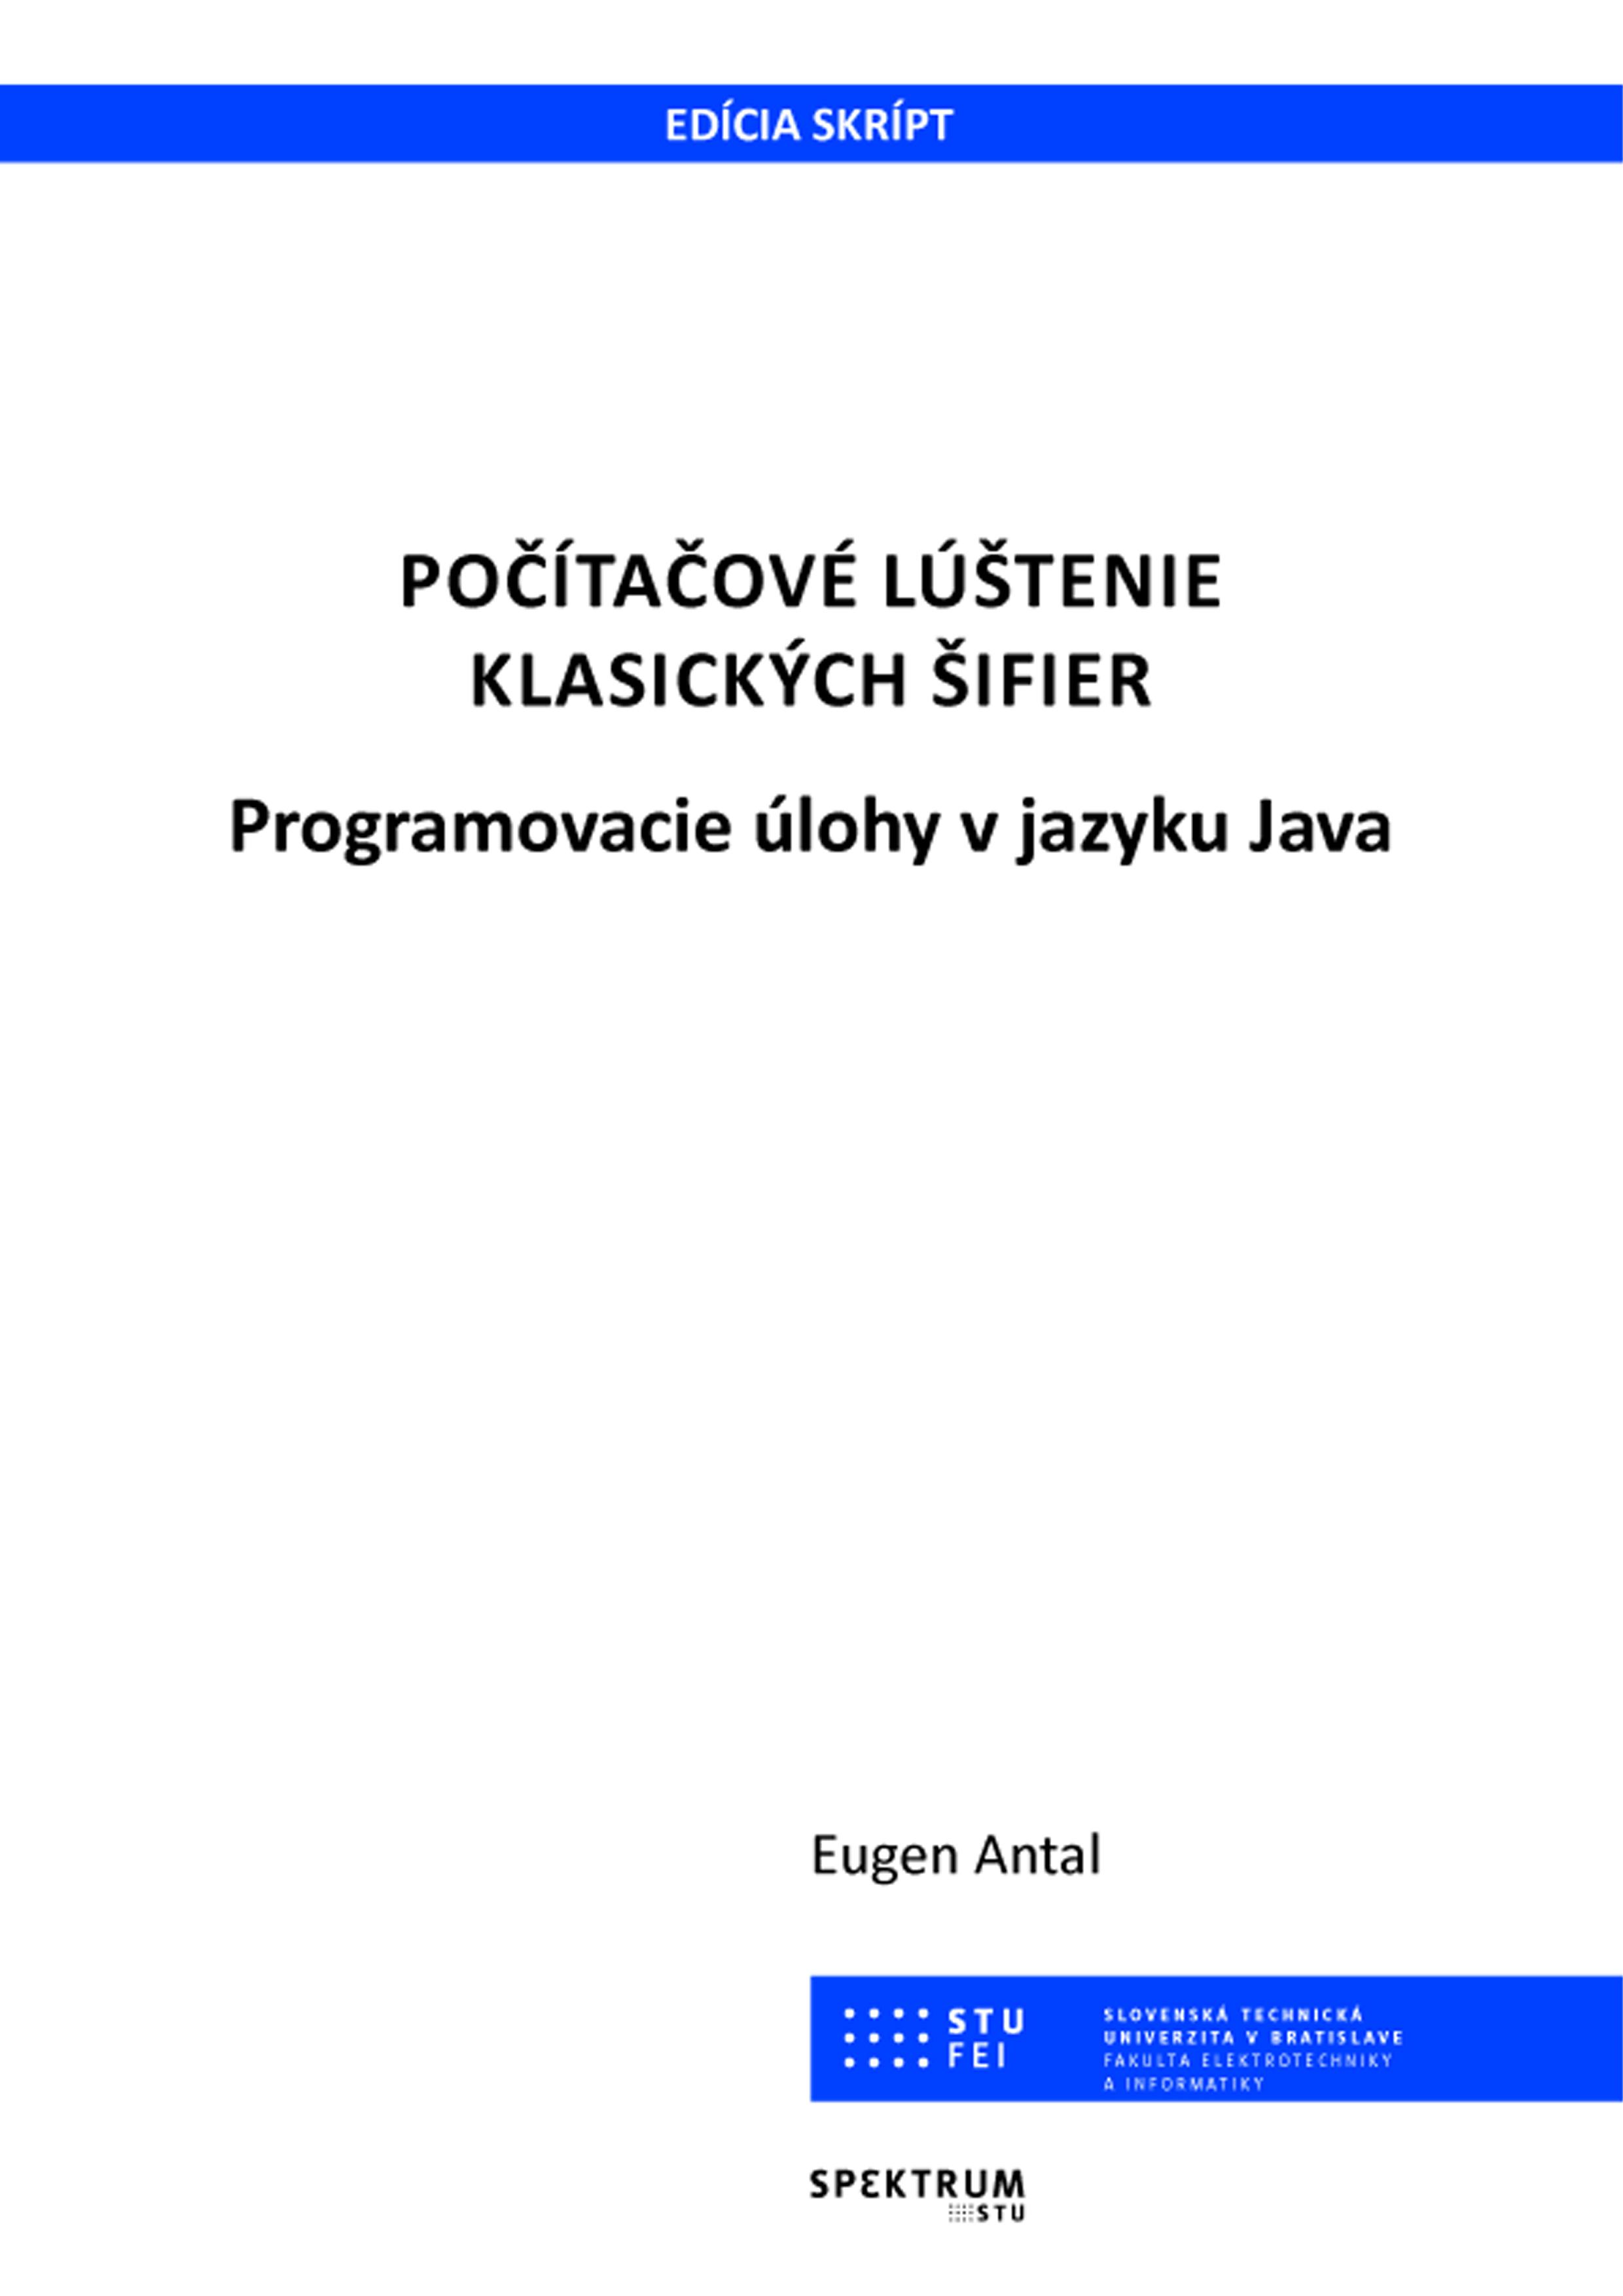 Počítačové lúštenie klasických šifier - programovanie úlohy v jazyku Java 1